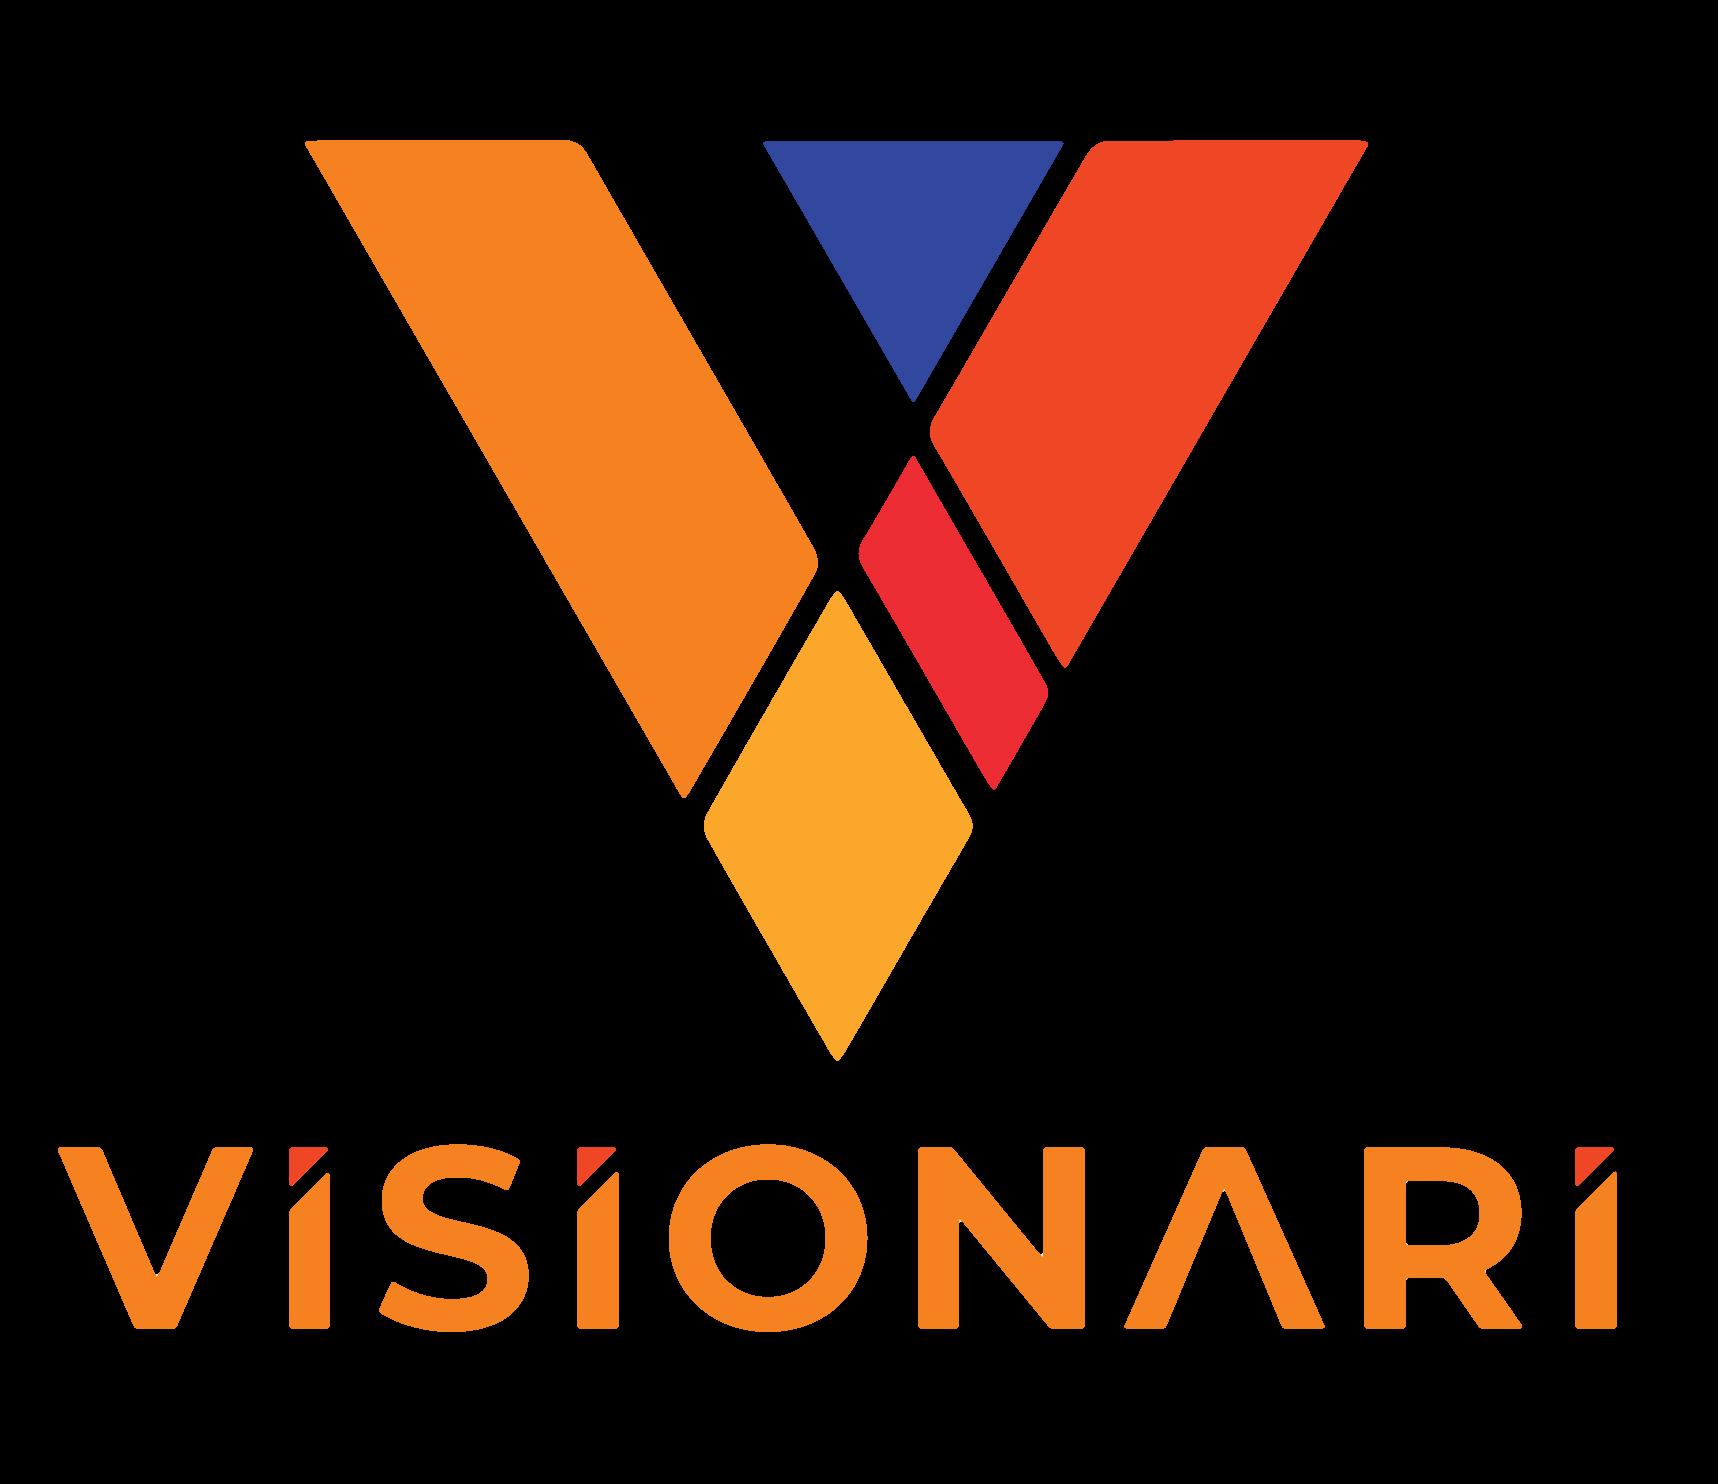 visionari freigestellt